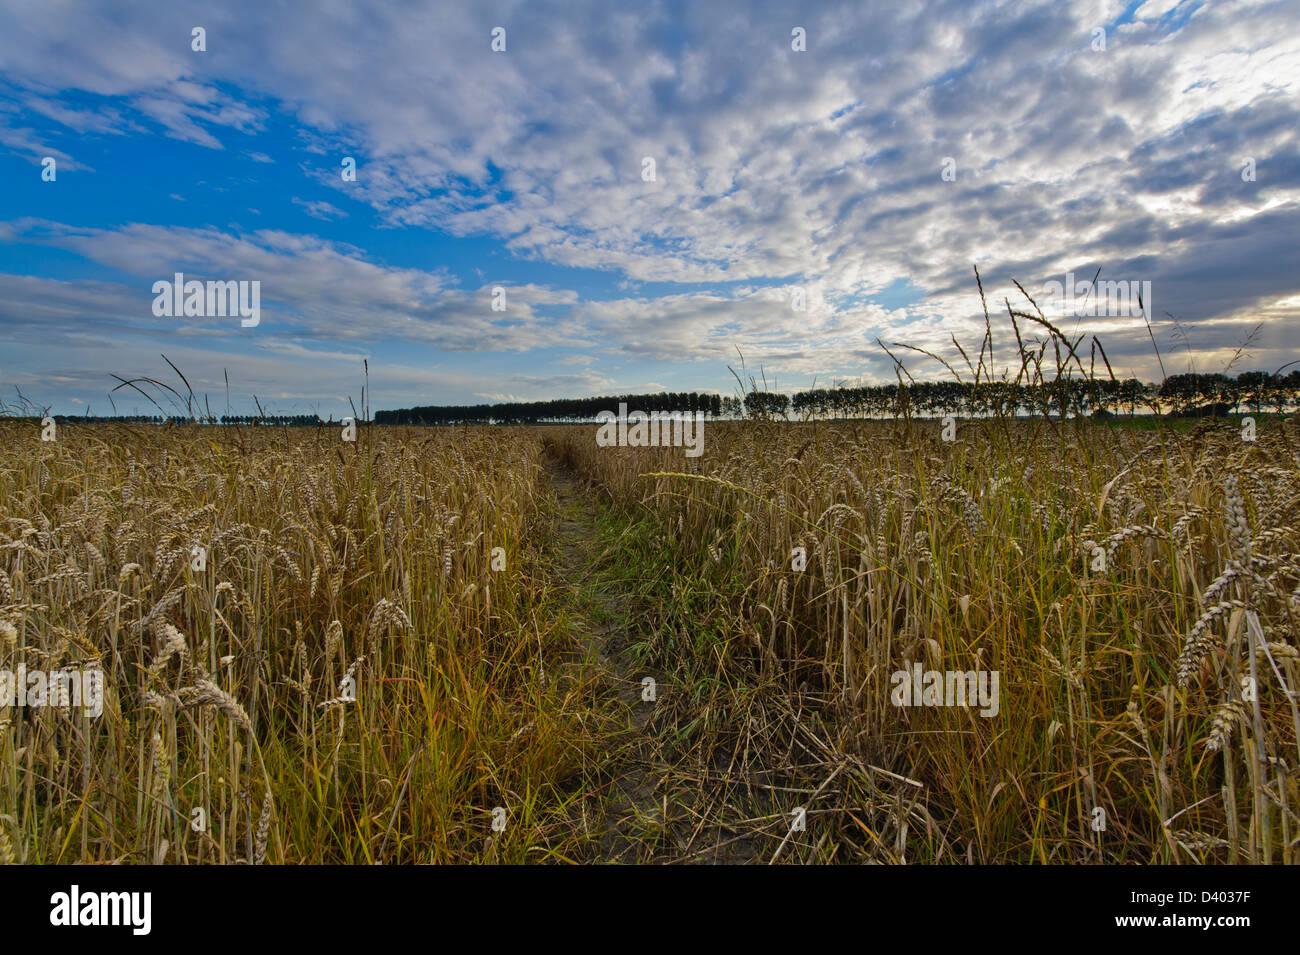 Wheat field in the  Hertogin Hedwige polder''  in Zeeuws Vlaanderen. Zeeland. Netherlands. - Stock Image